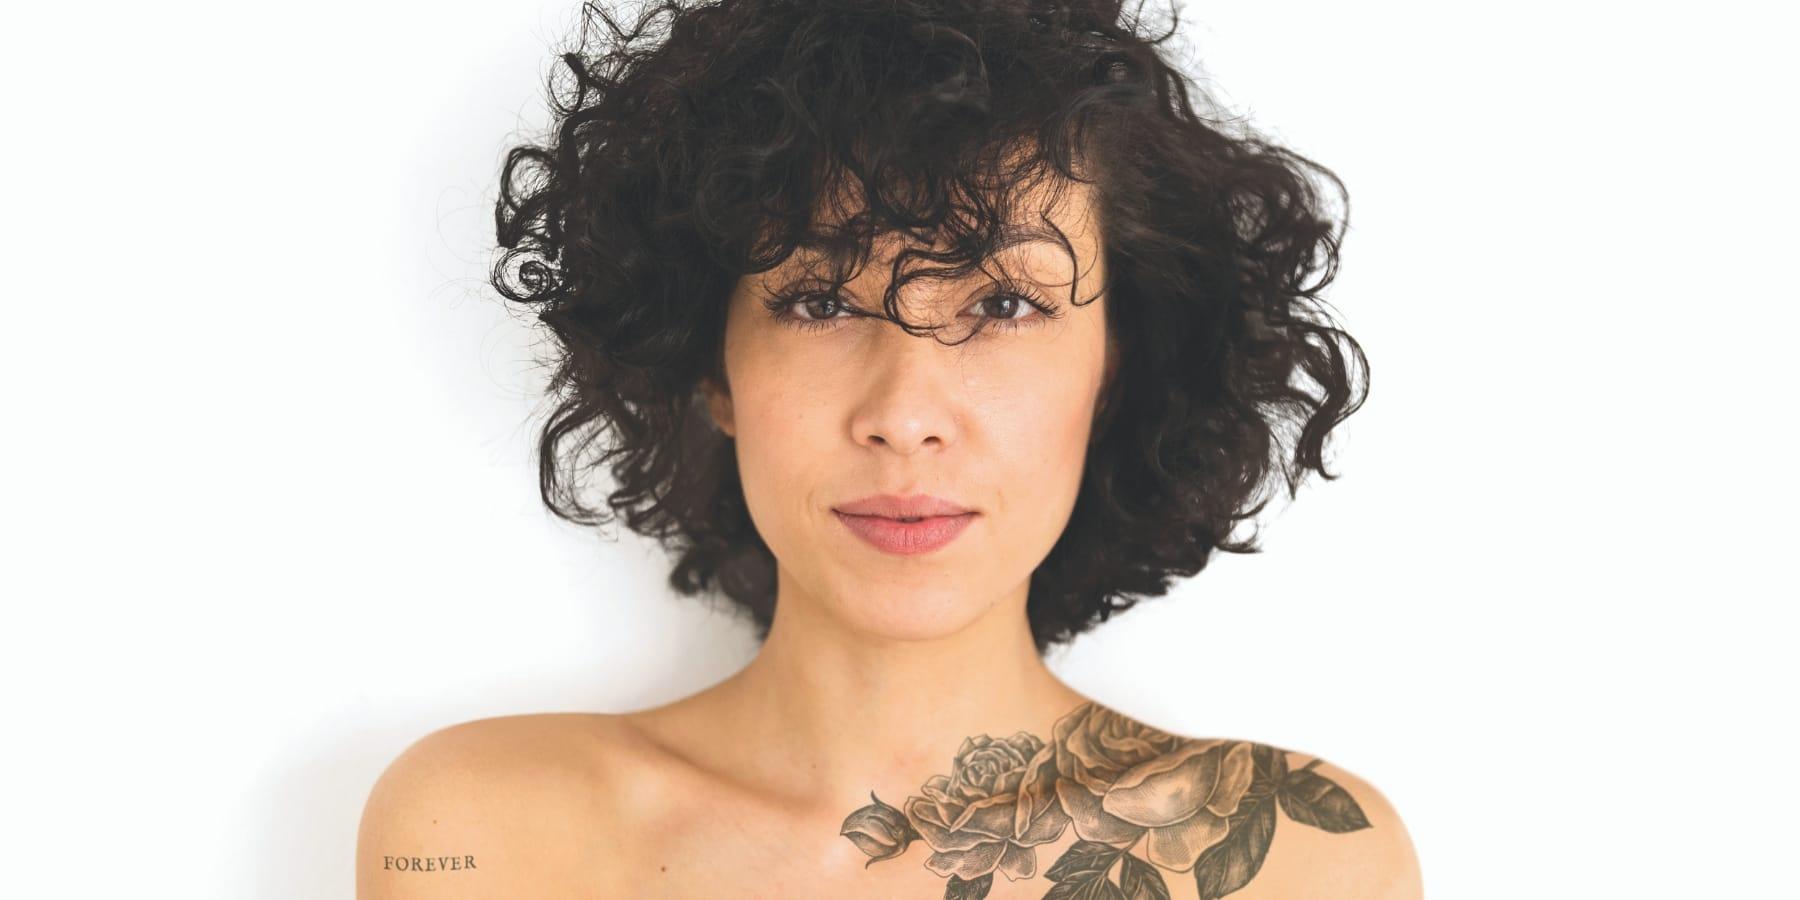 Quelle crème après un tatouage ? Découvrez la crème réparatrice post-tatouage!